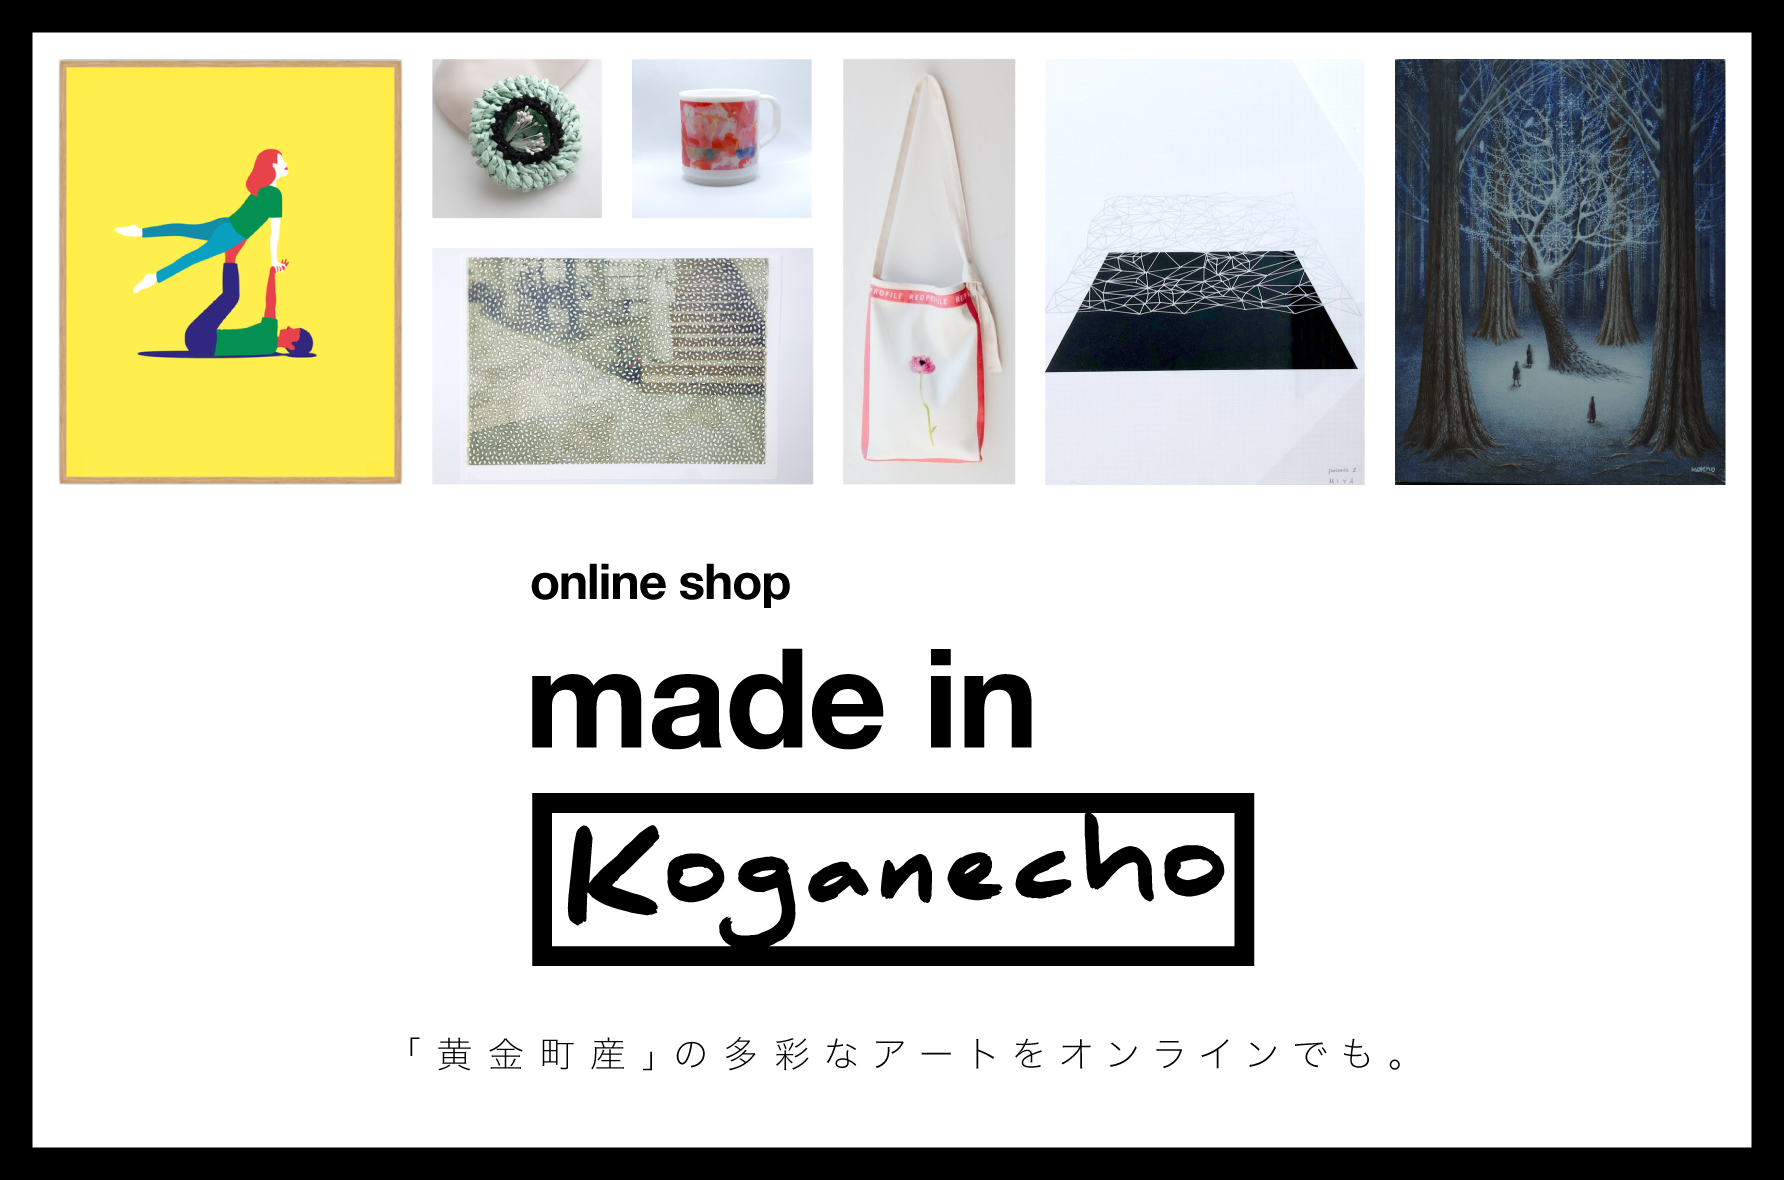 online made in Koganecho